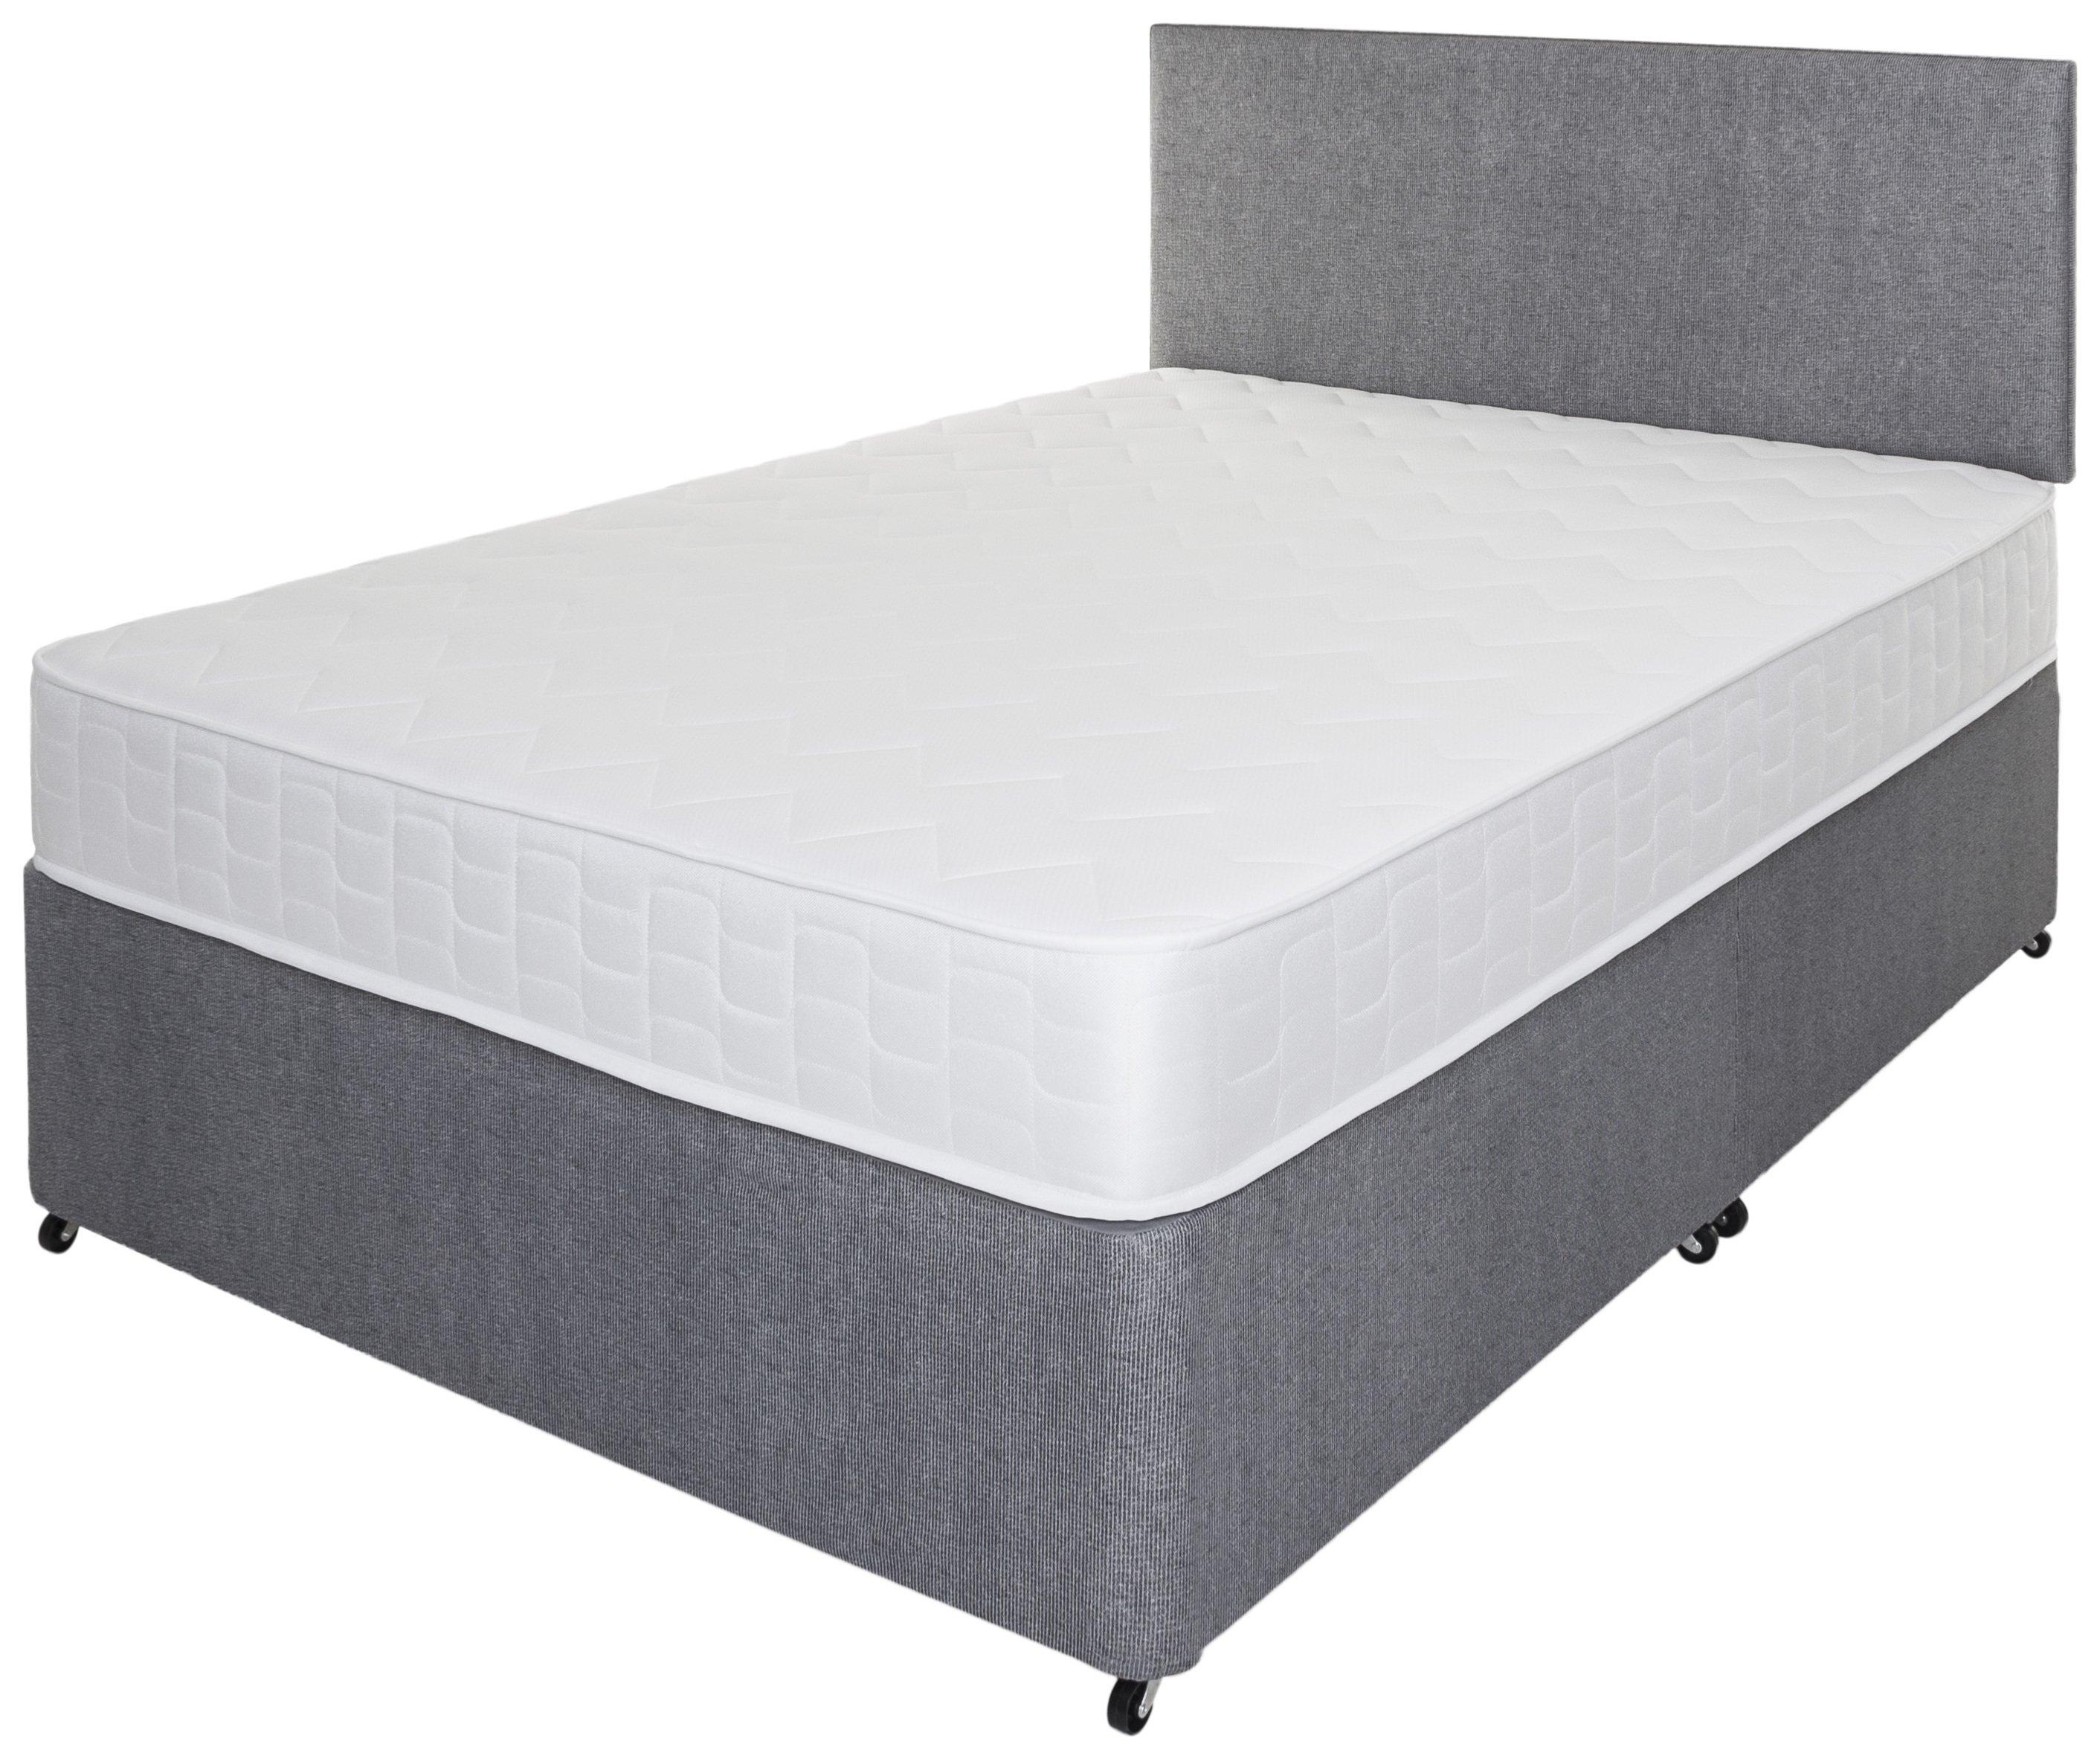 Airsprung Elmdon Memory Divan Bed - Double